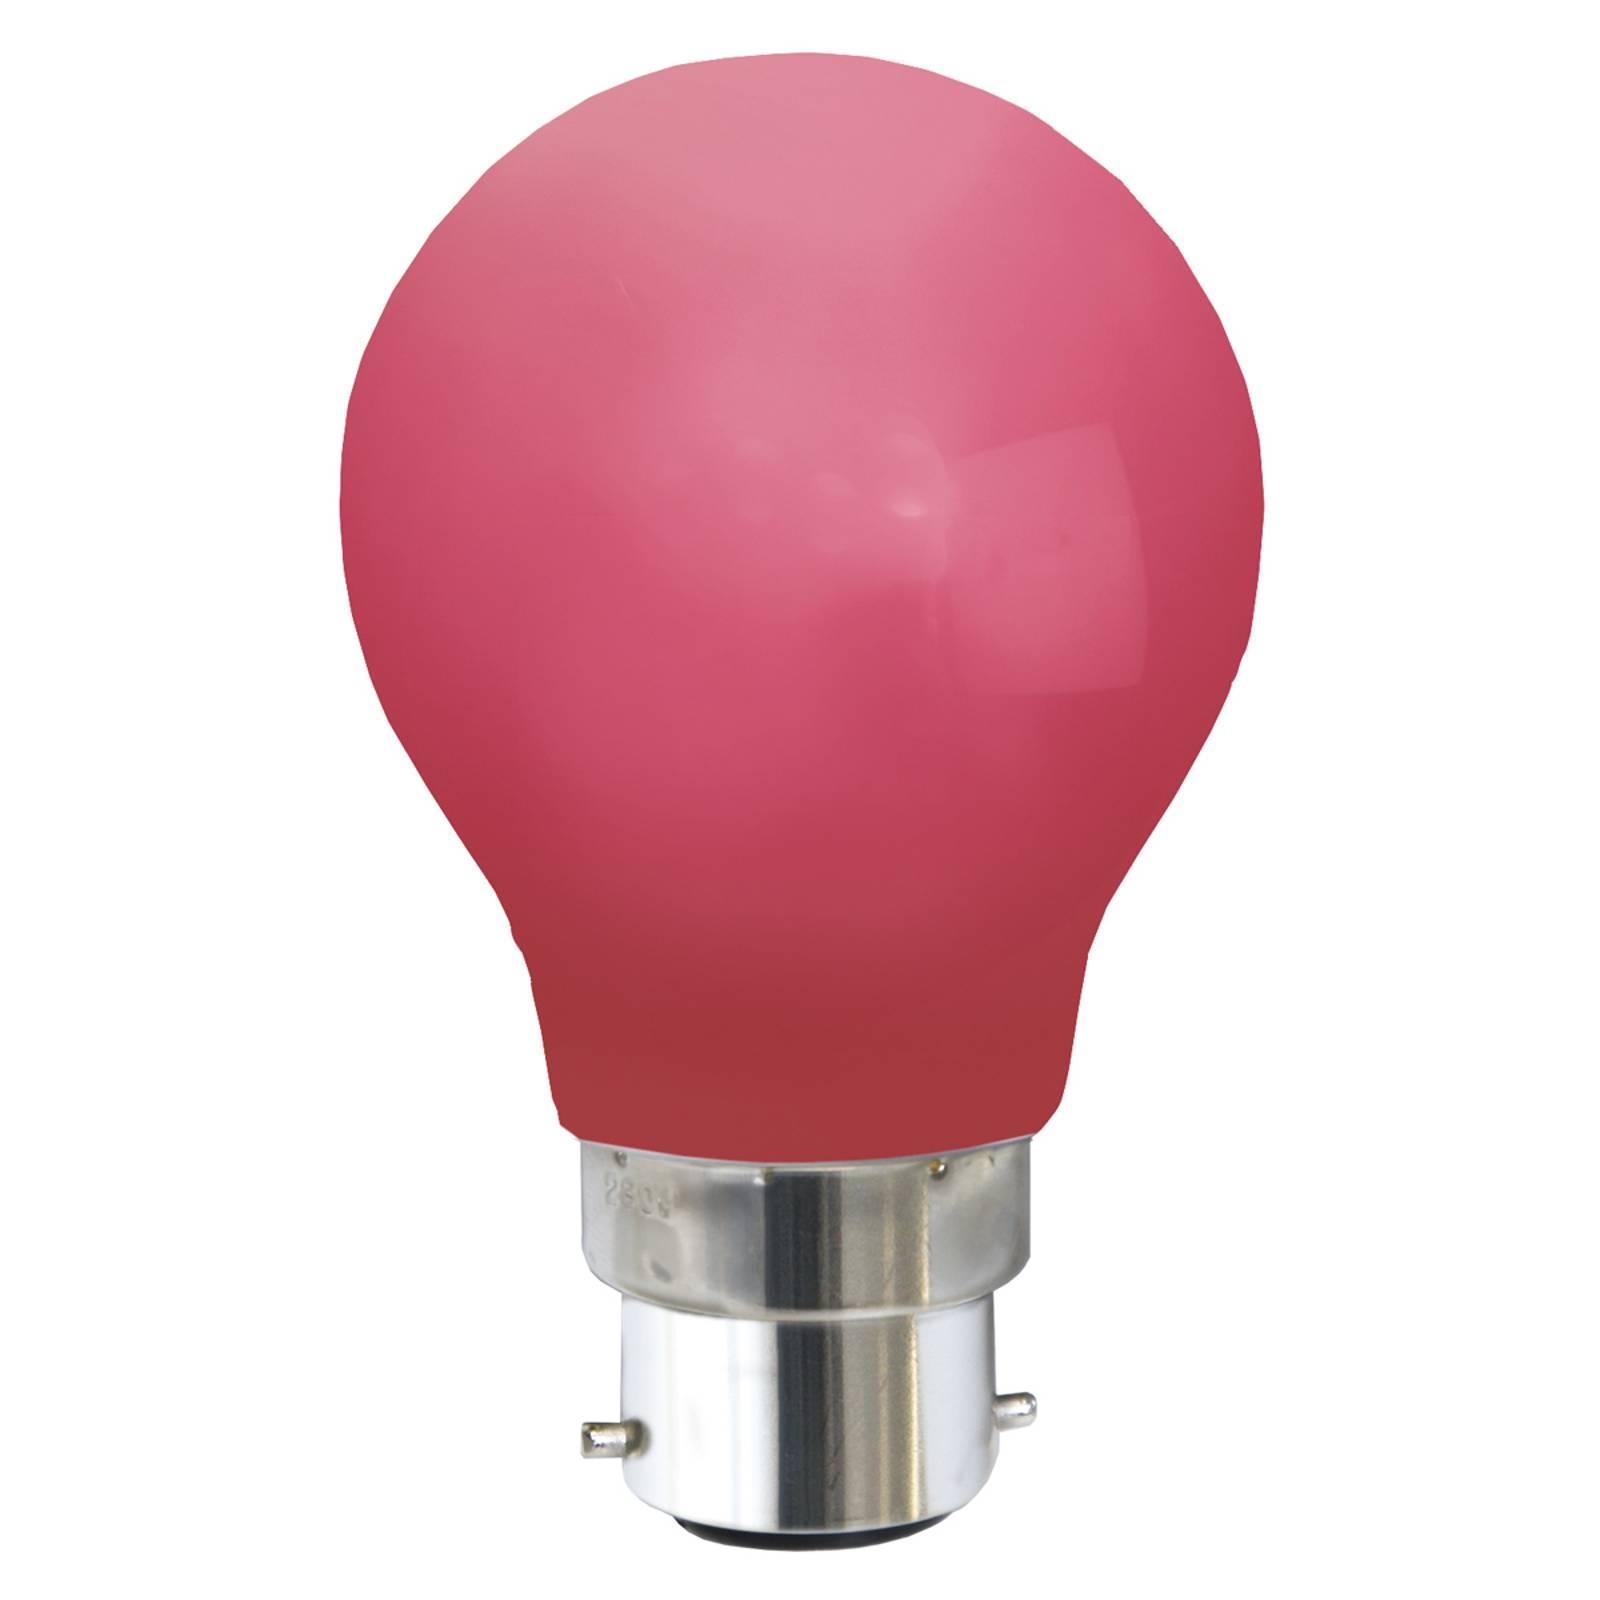 B22 0,9W lampadina LED rossa